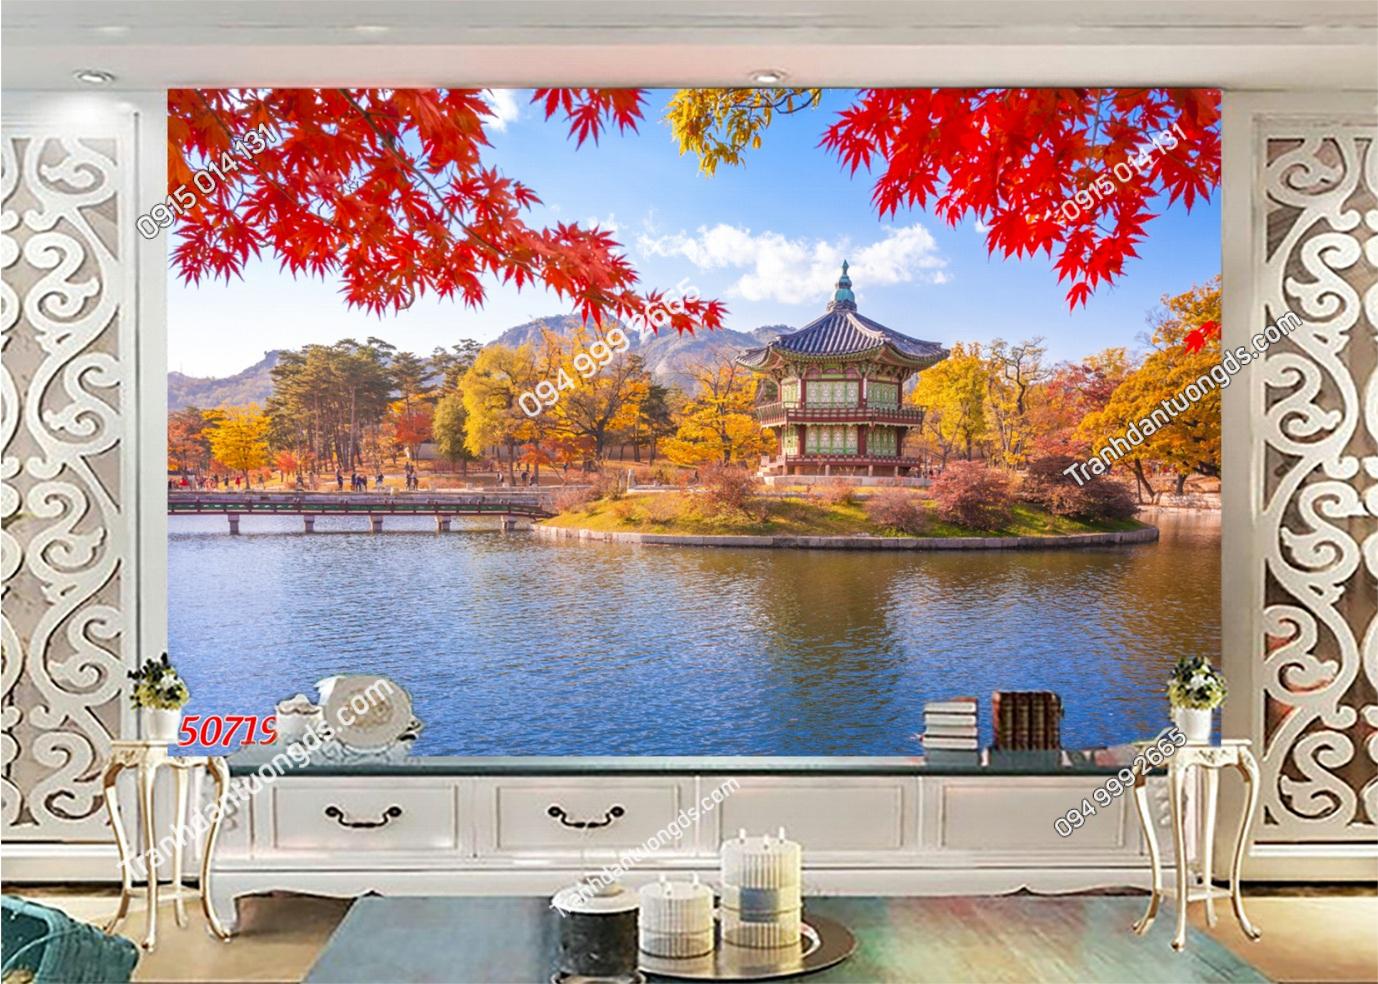 Tranh tường lá đỏ Nhật Bản 50719